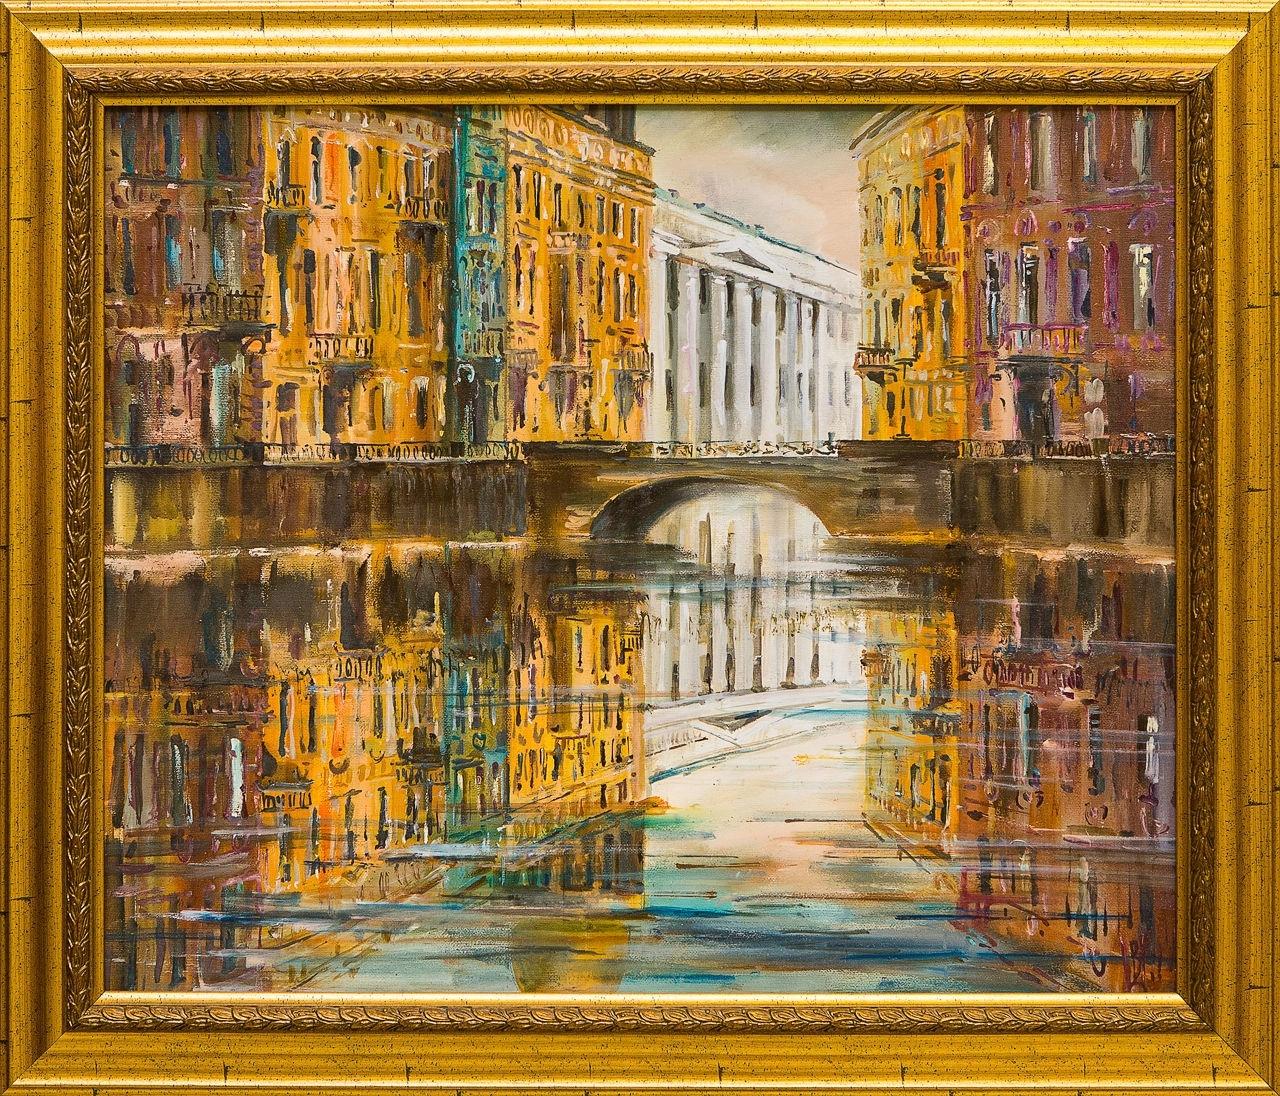 Картина маслом Вода Шеренкова картина маслом город шеренкова